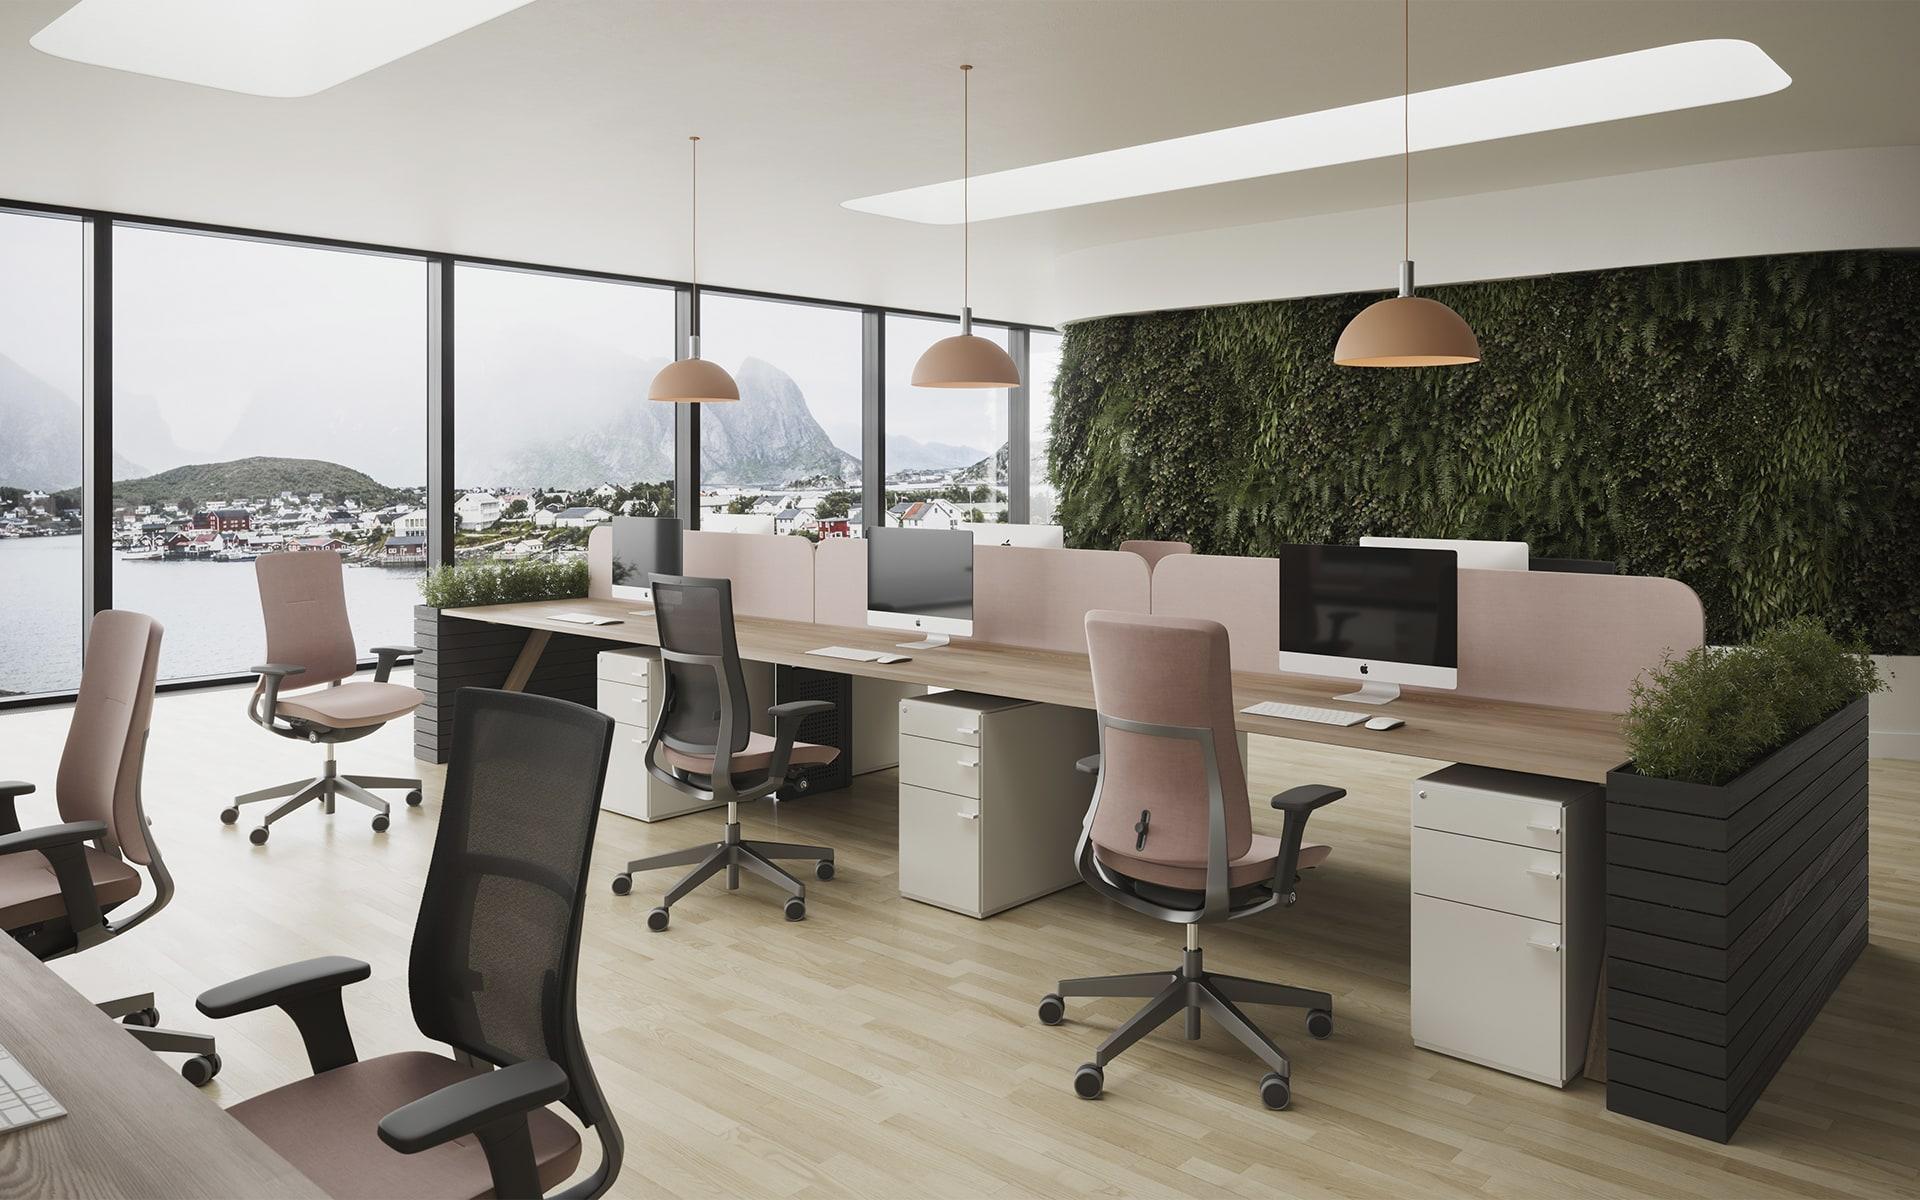 Mehrere Profim Violle Bürostühle in Altrosa in stylischem Großraumbüro mit großer Fensterfront und Blick auf Fjord